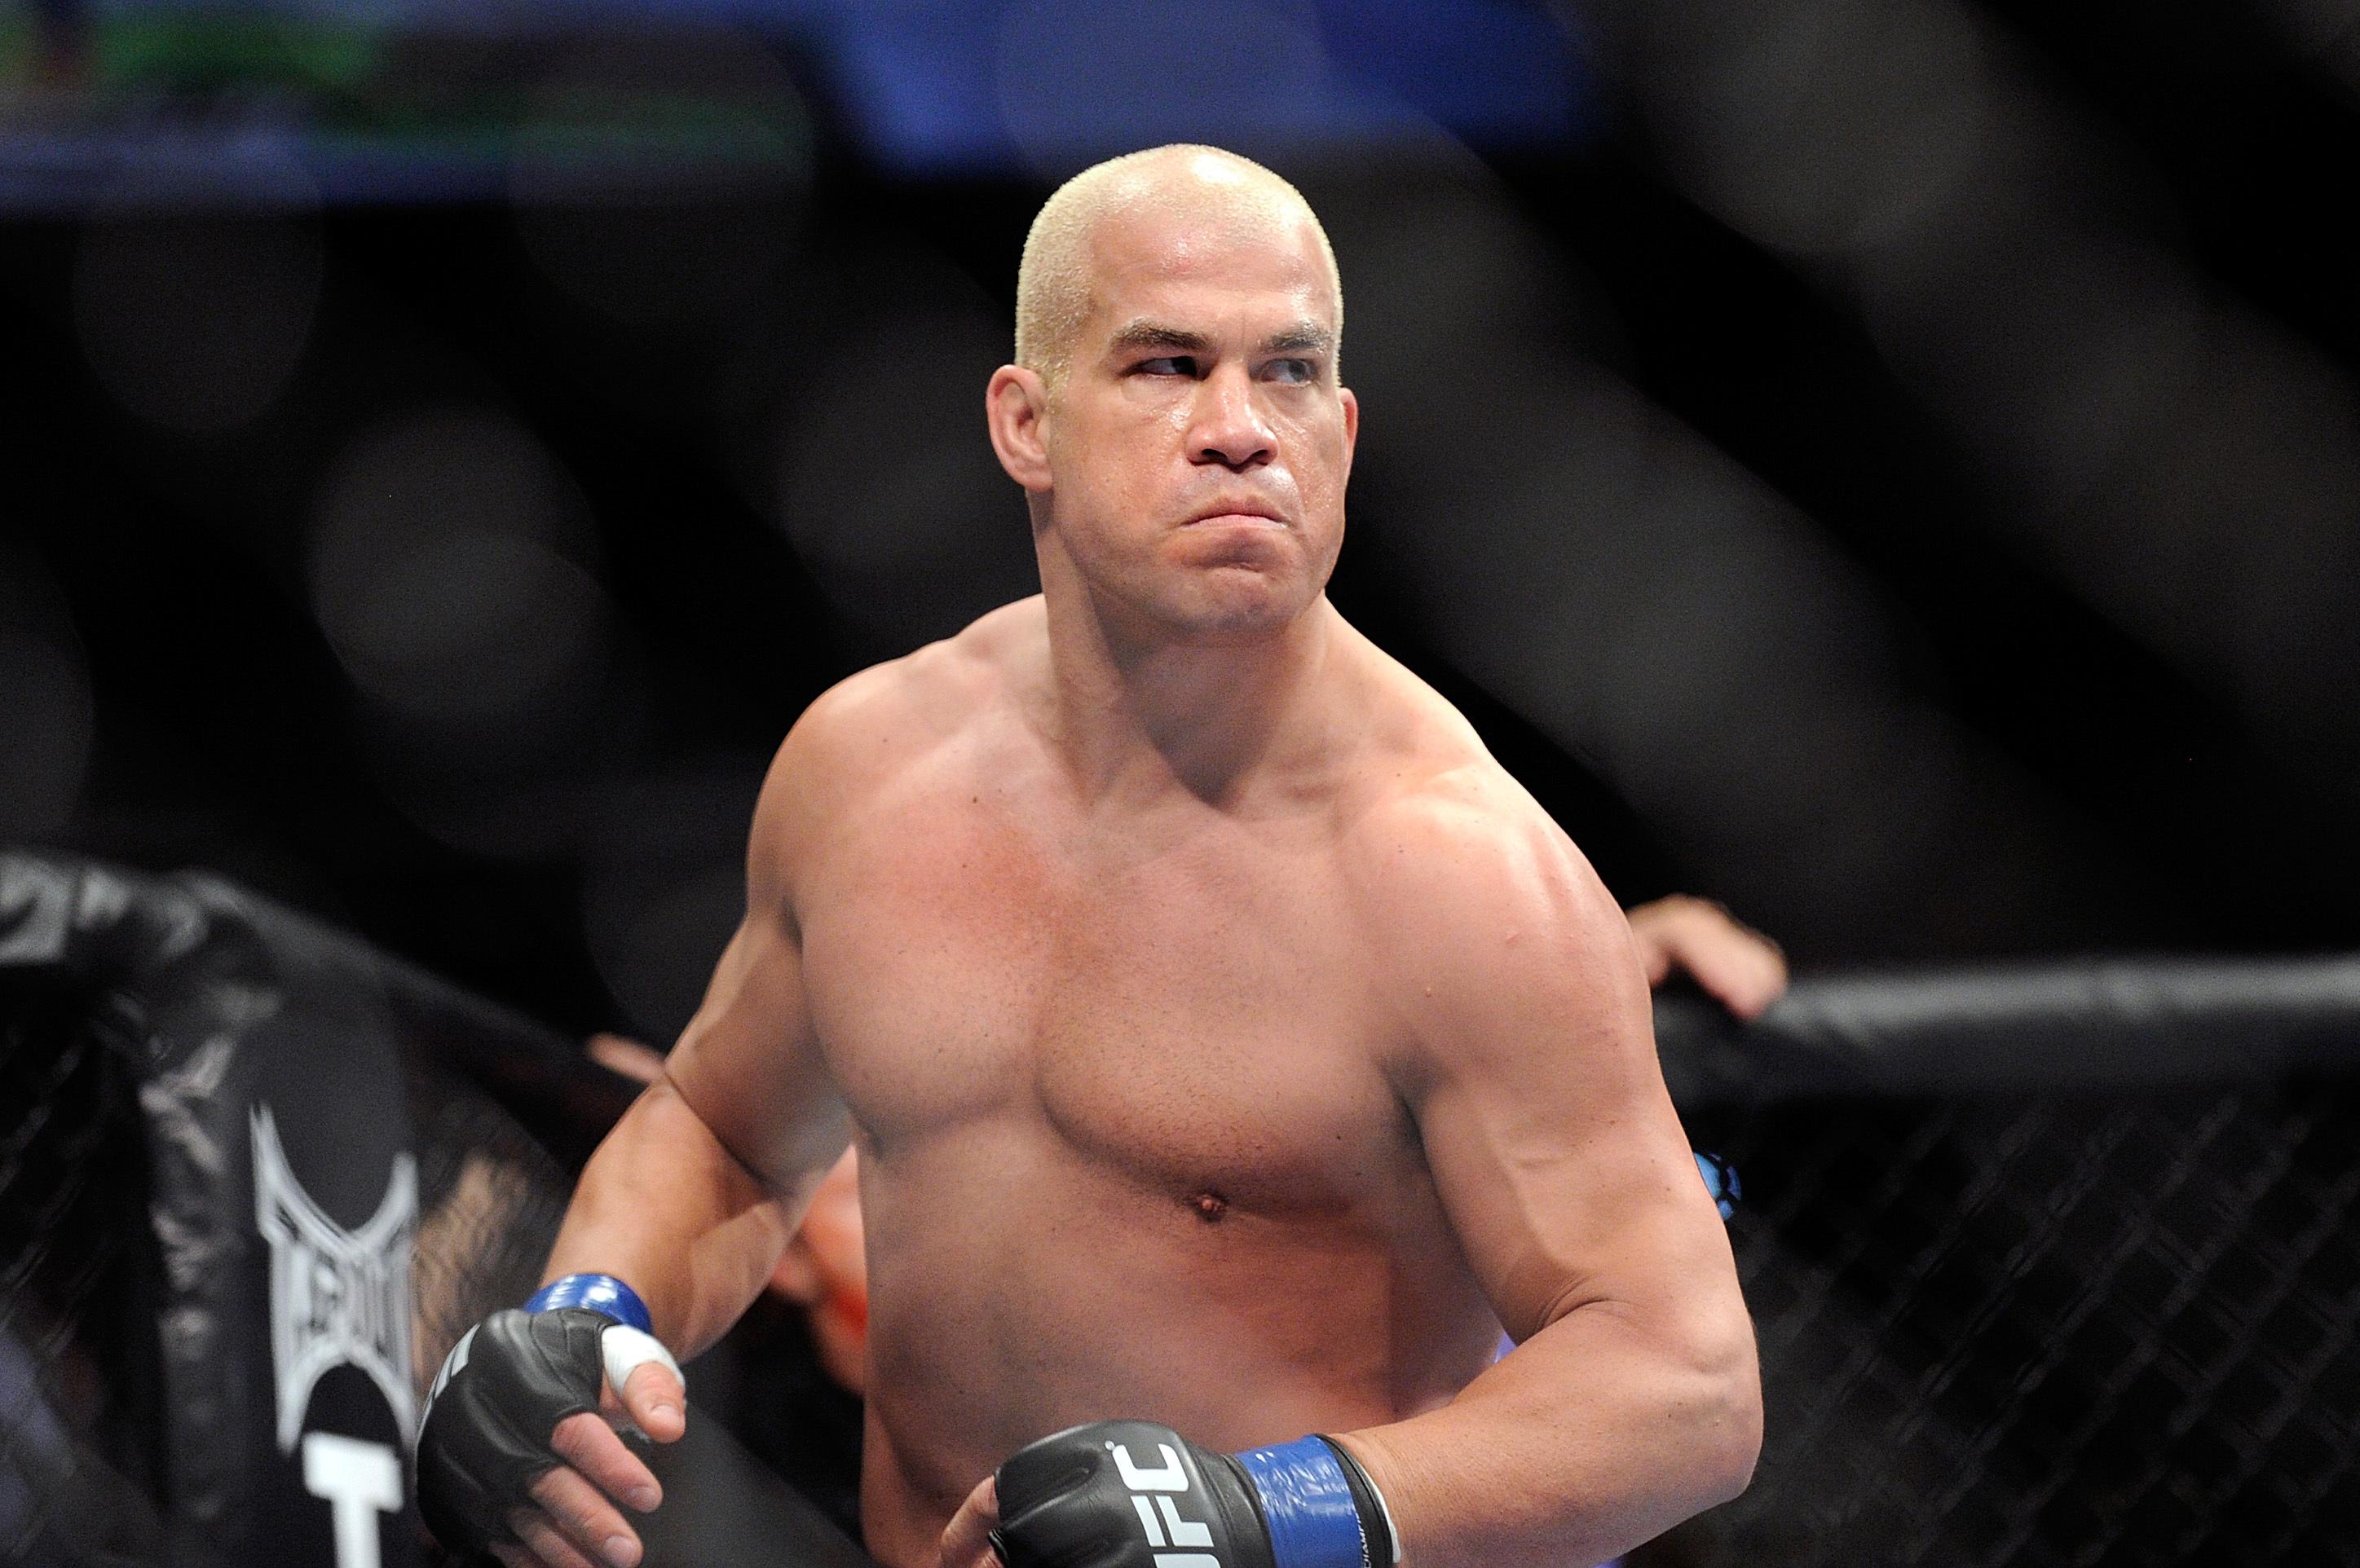 Former UFC Fighter Tito Ortiz